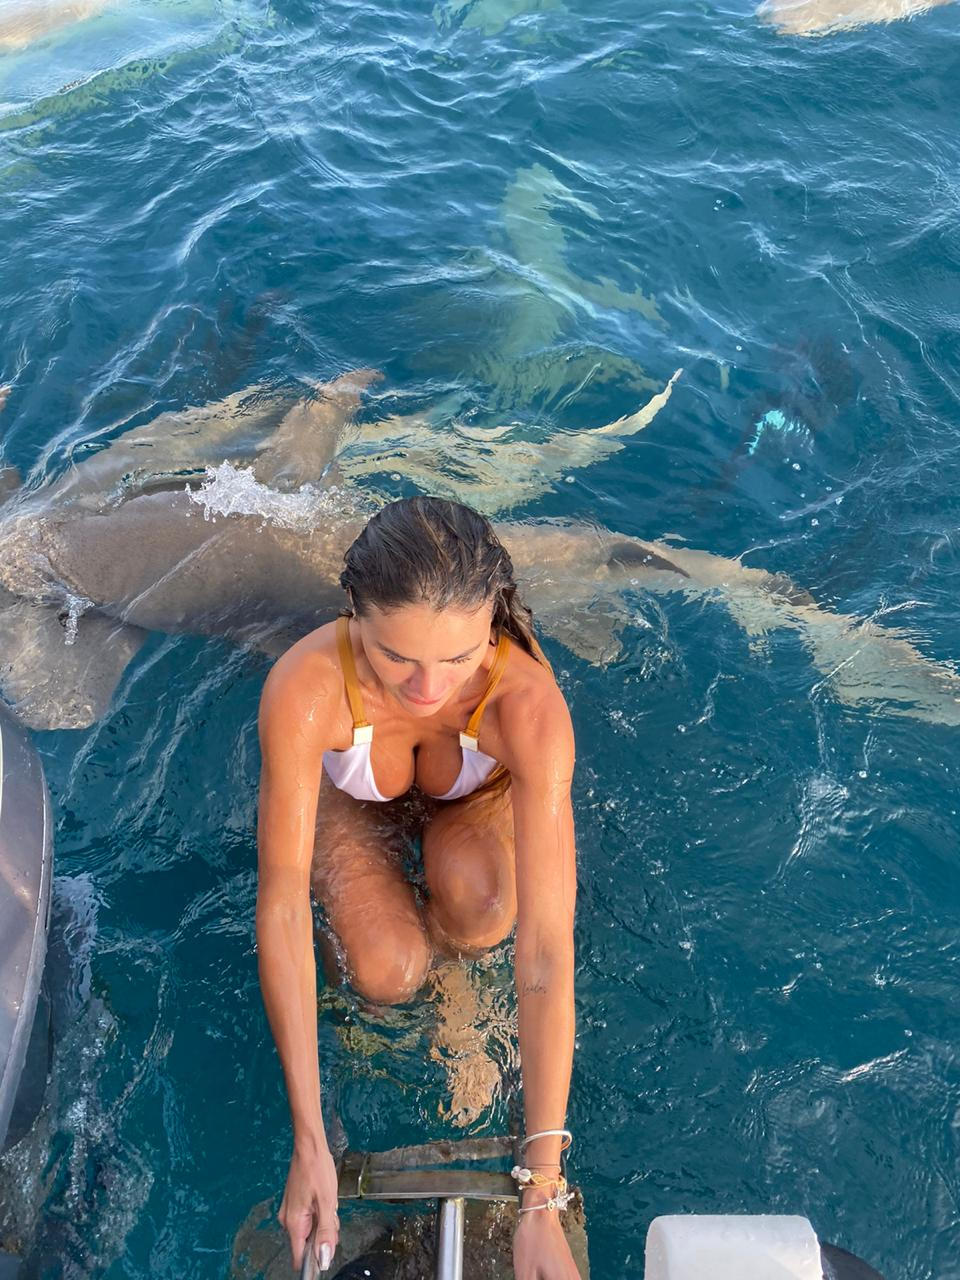 img 20210114 wa0002 - Bailarina do Faustão é atacada por tubarão durante mergulho - VEJA IMAGENS